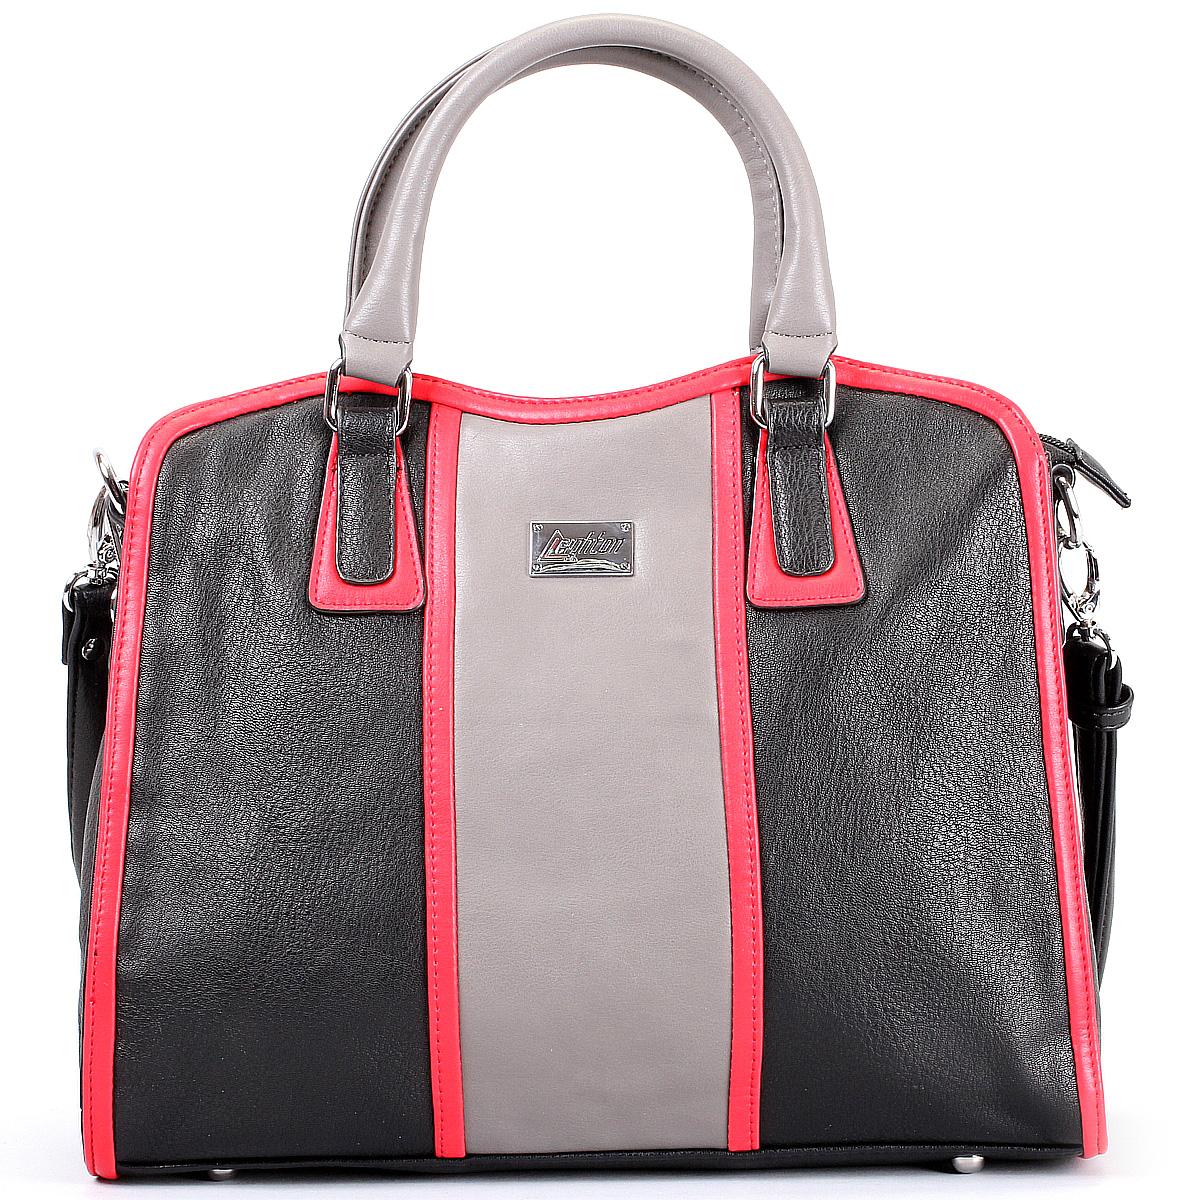 Сумка женская Leighton, цвет: черный, серый, красный. 580403-3822/1/1166/931/1166/601 ( 580403-3822/1/1166/931/11 )